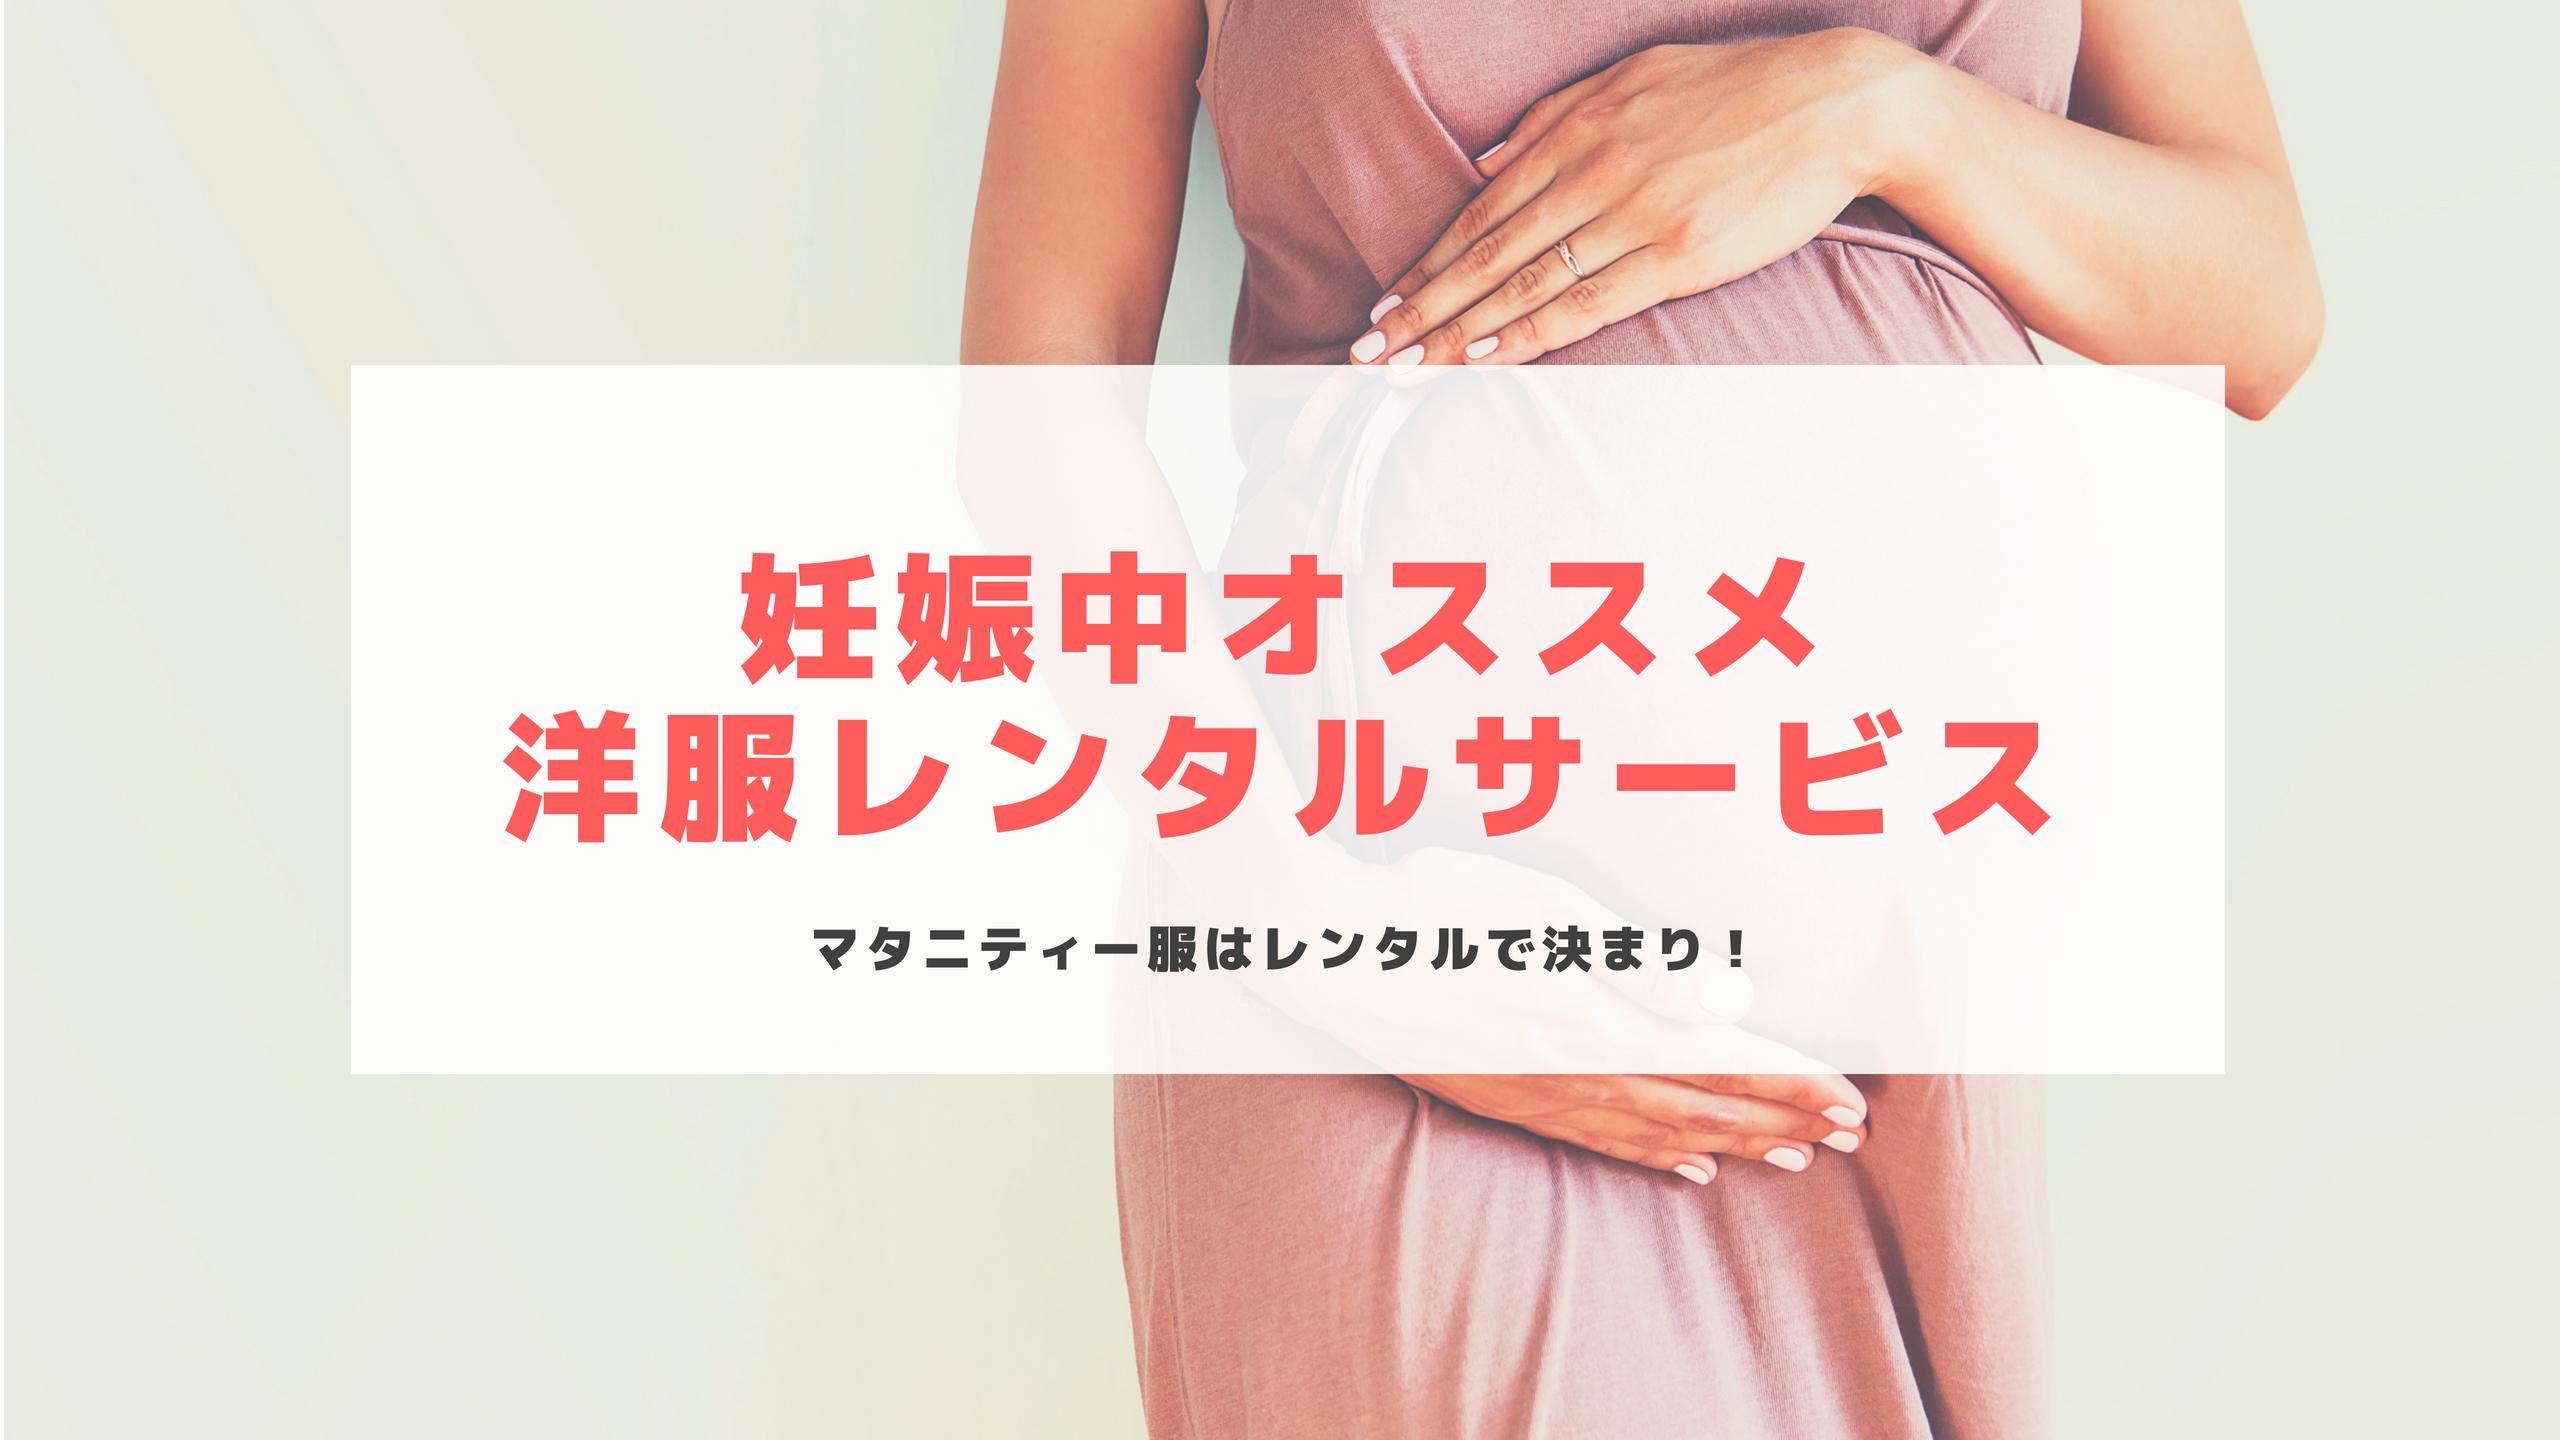 妊娠中オススメ洋服レンタルサービス